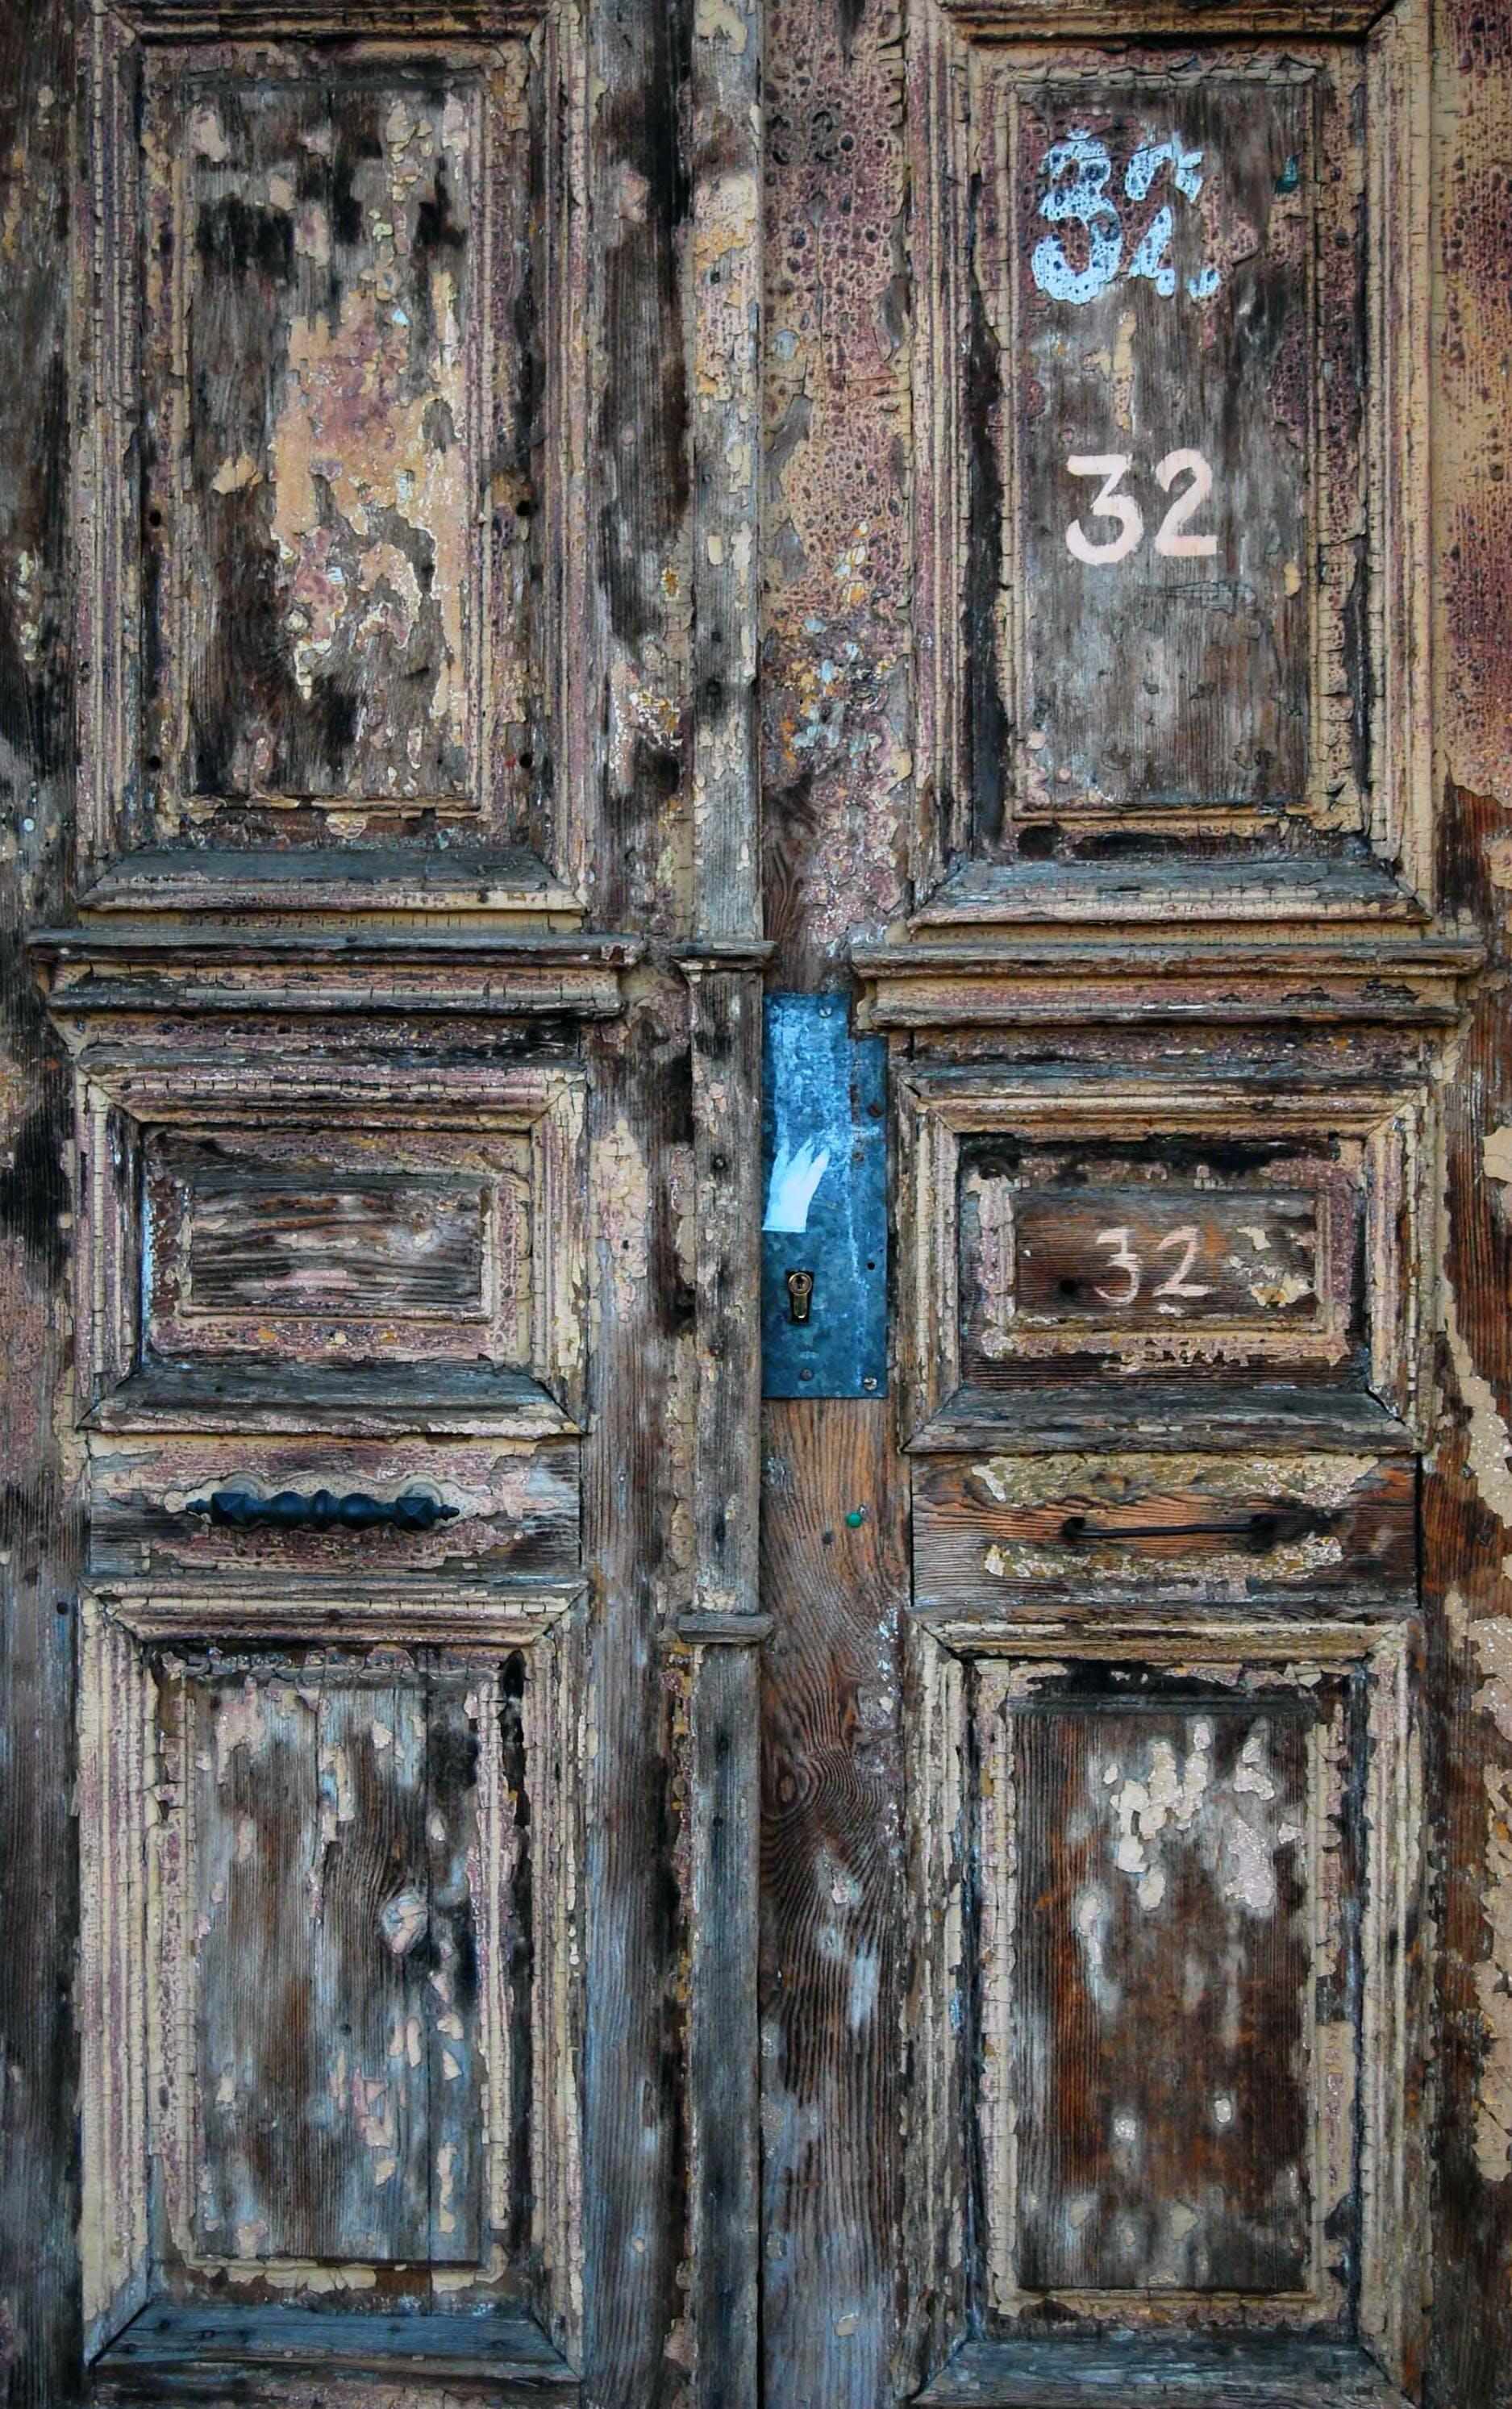 Free stock photo of 32, old door